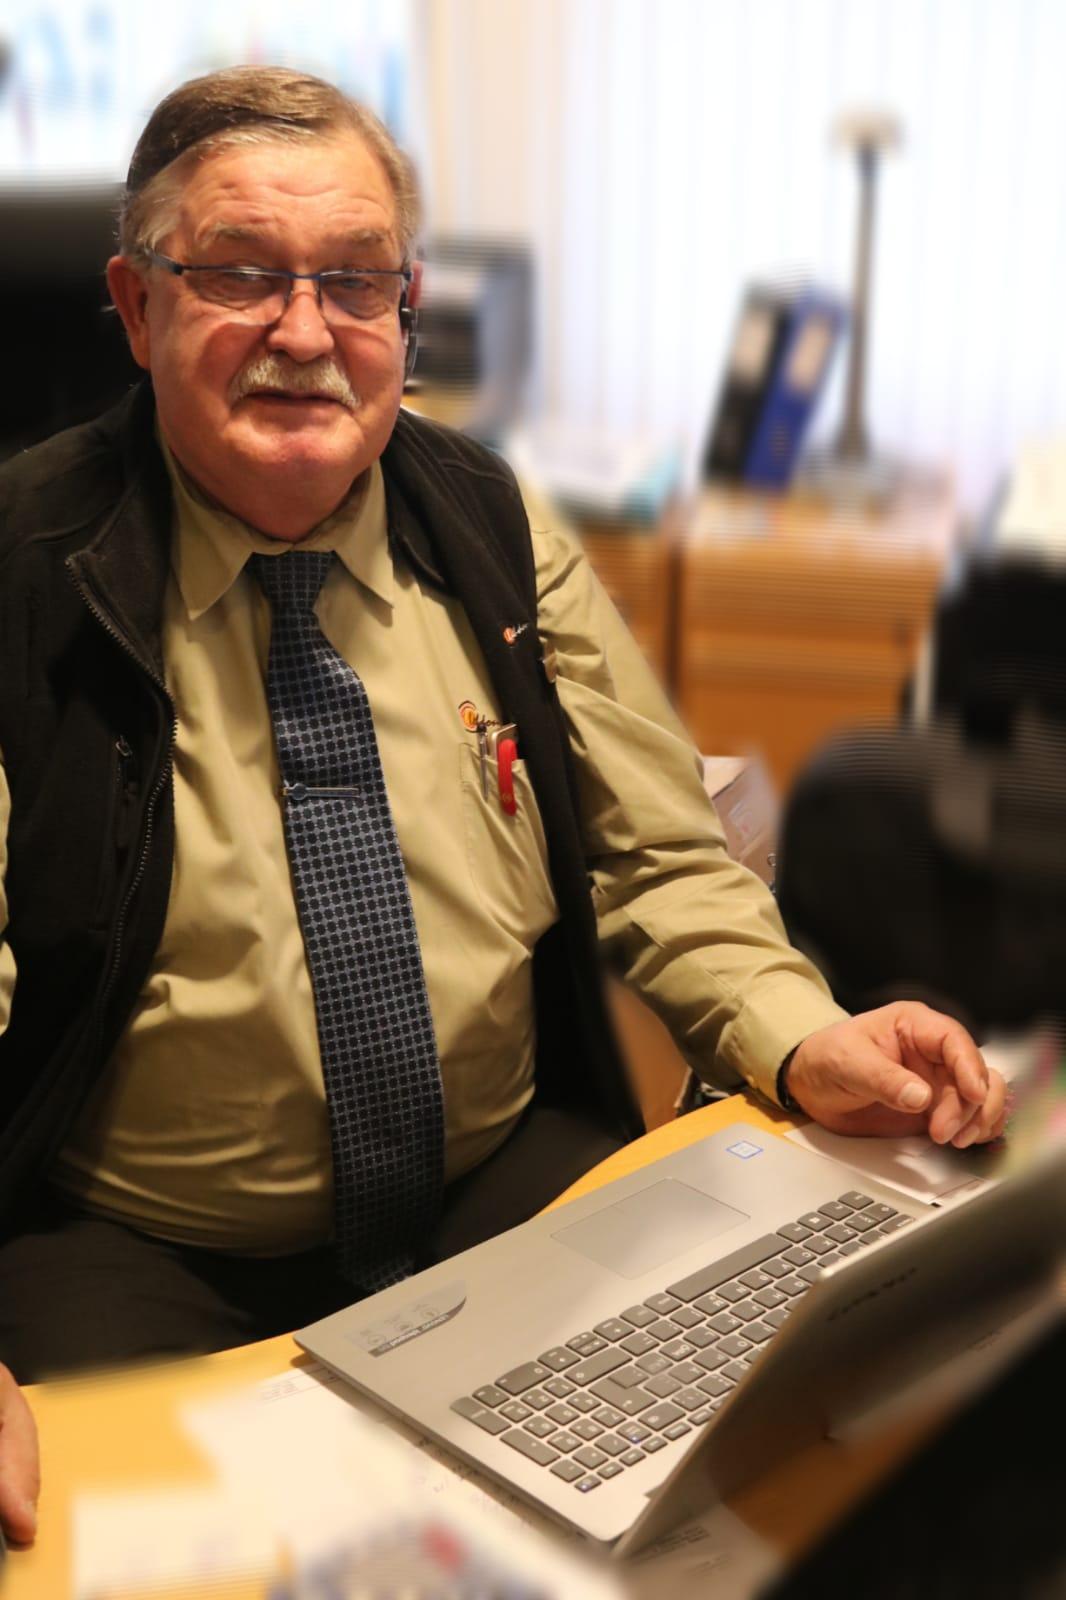 Lehdon Liikenne - Henkilöstö - Toimisto - Veli-Pekka Kulmala